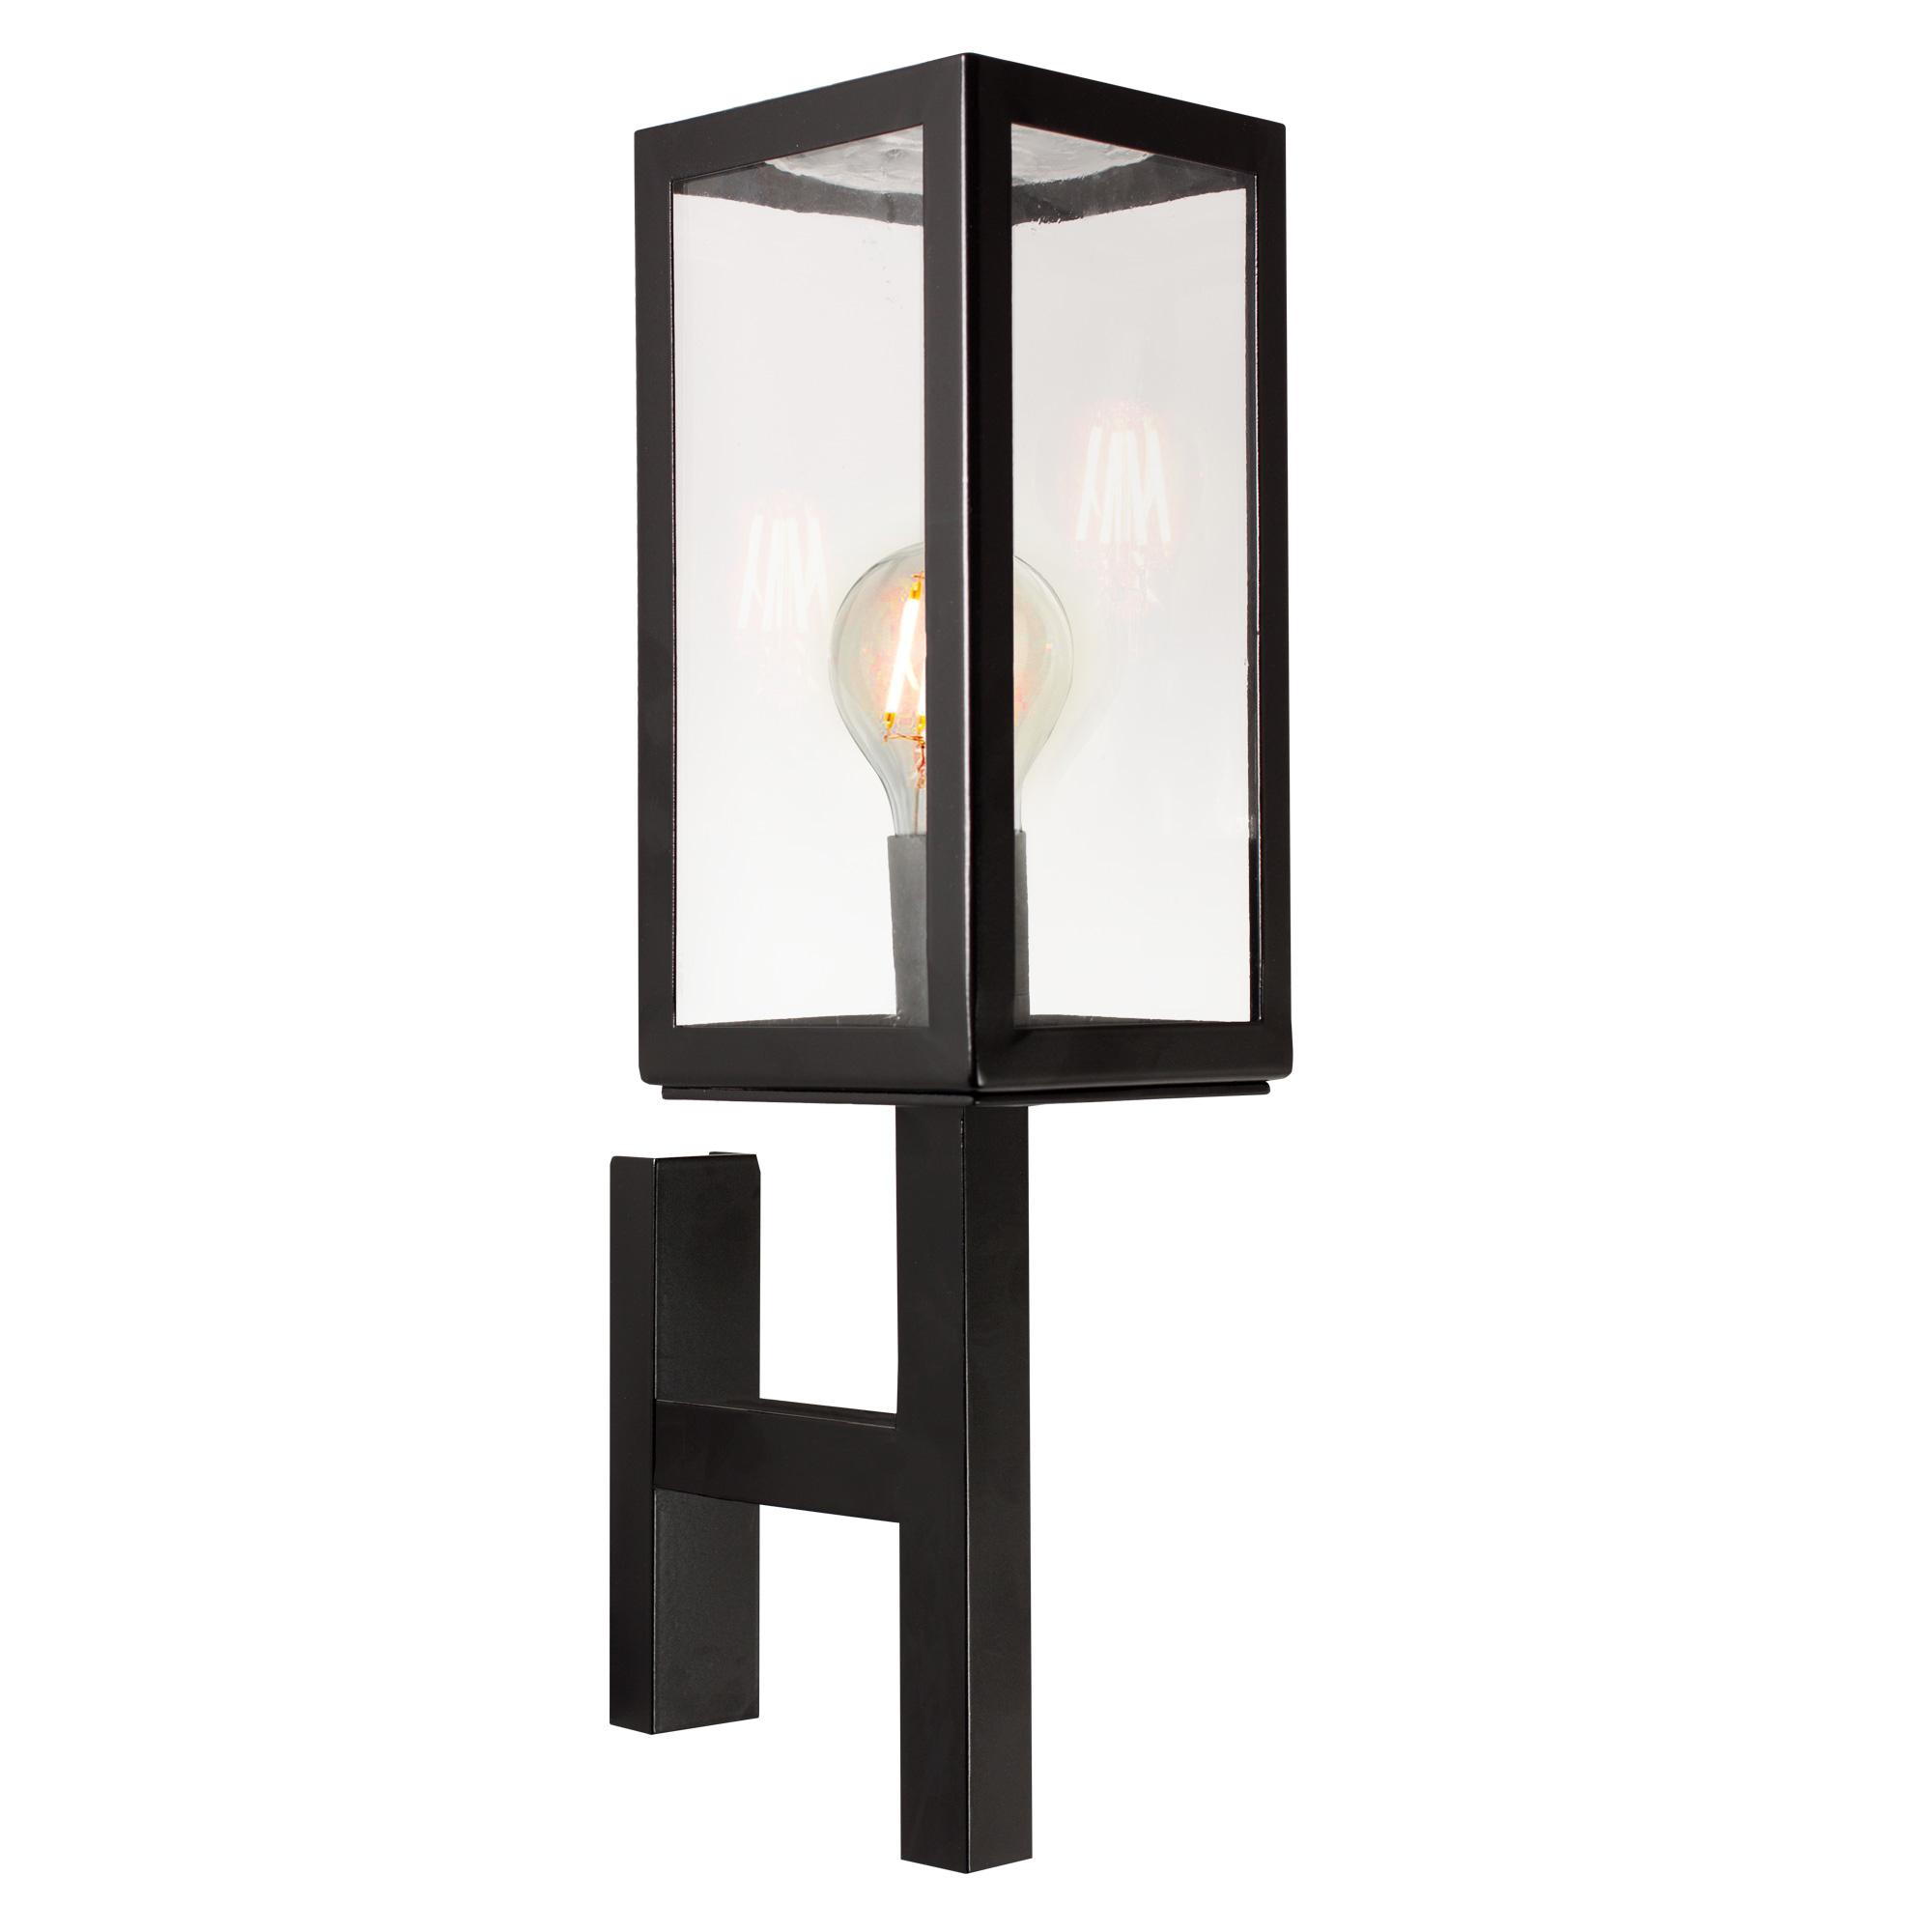 Buitenlamp Bilthoven Muurlamp Zwart